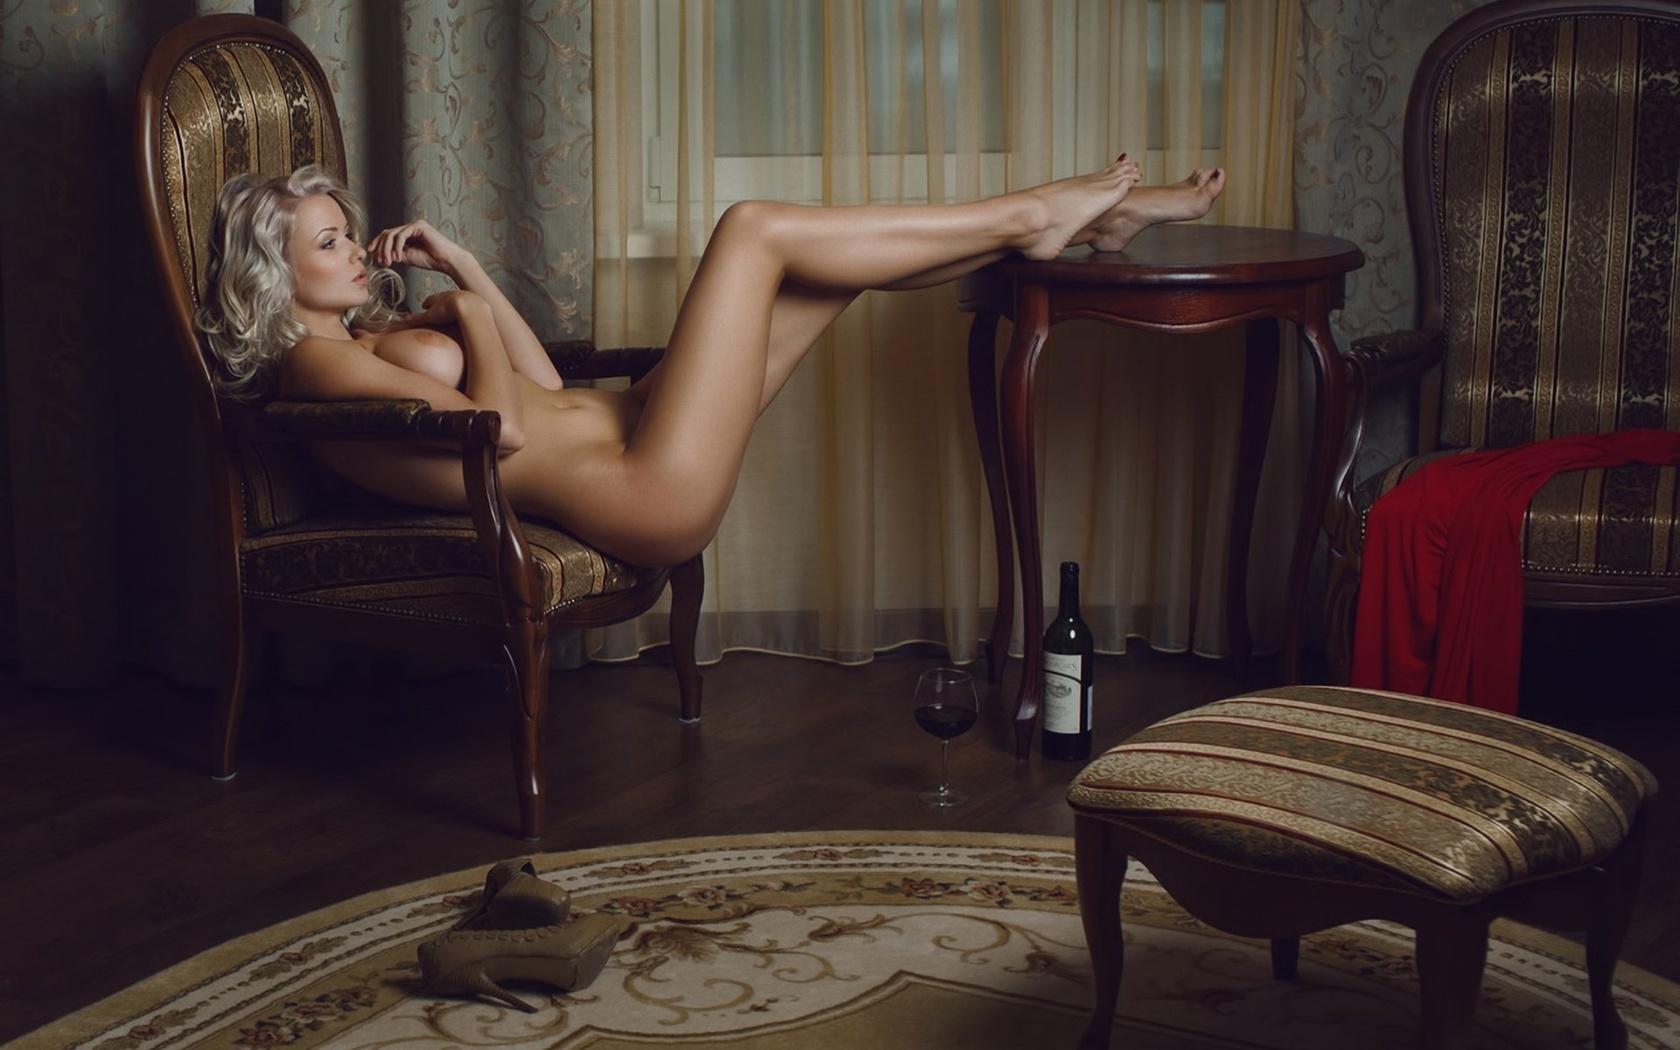 Эротический фото галерее, Порно фото галереи 1 фотография